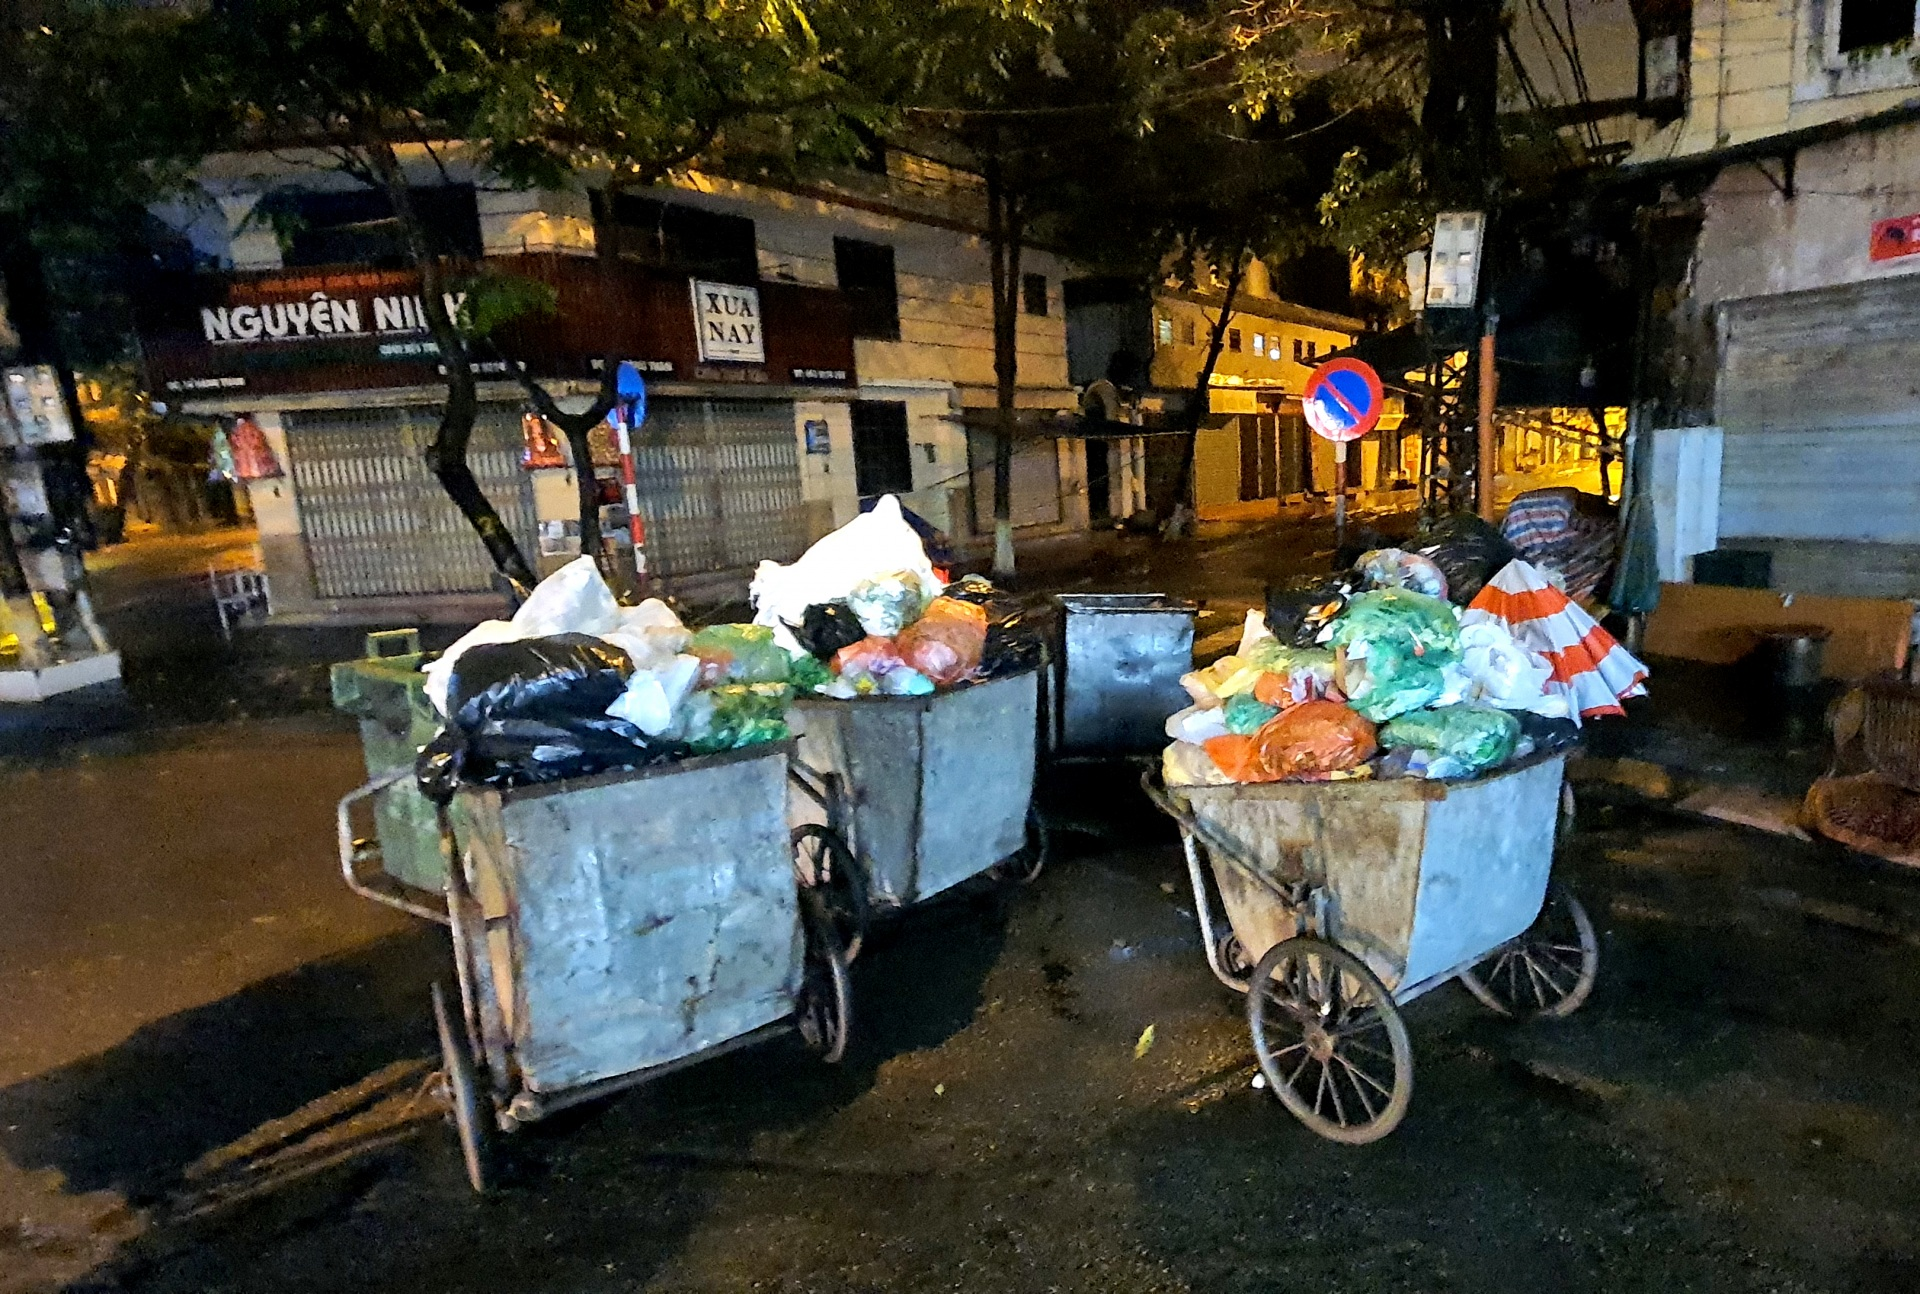 Nhiều vấn đề trong việc thu gom rác thải sinh hoạt cần được quan tâm và xử lý